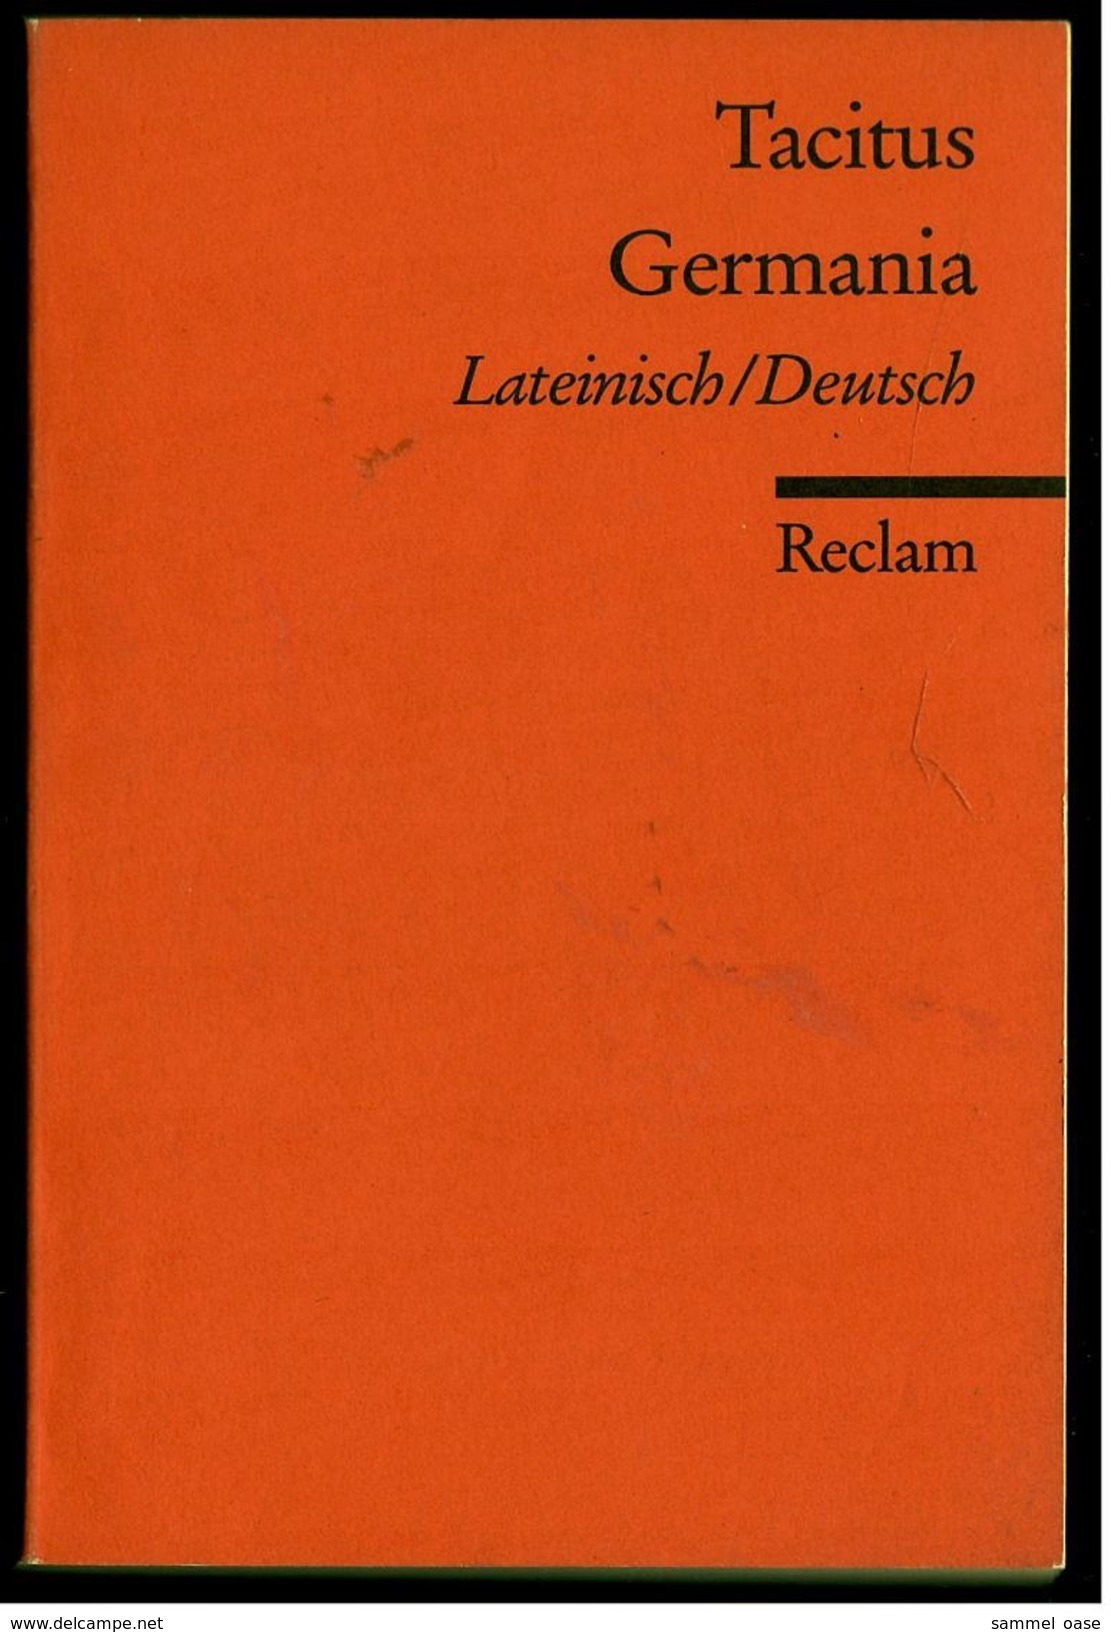 Reclam Heft  -  Tacitus Germania  -  Lateinisch / Deutsch  -  2007 - Theatre & Scripts